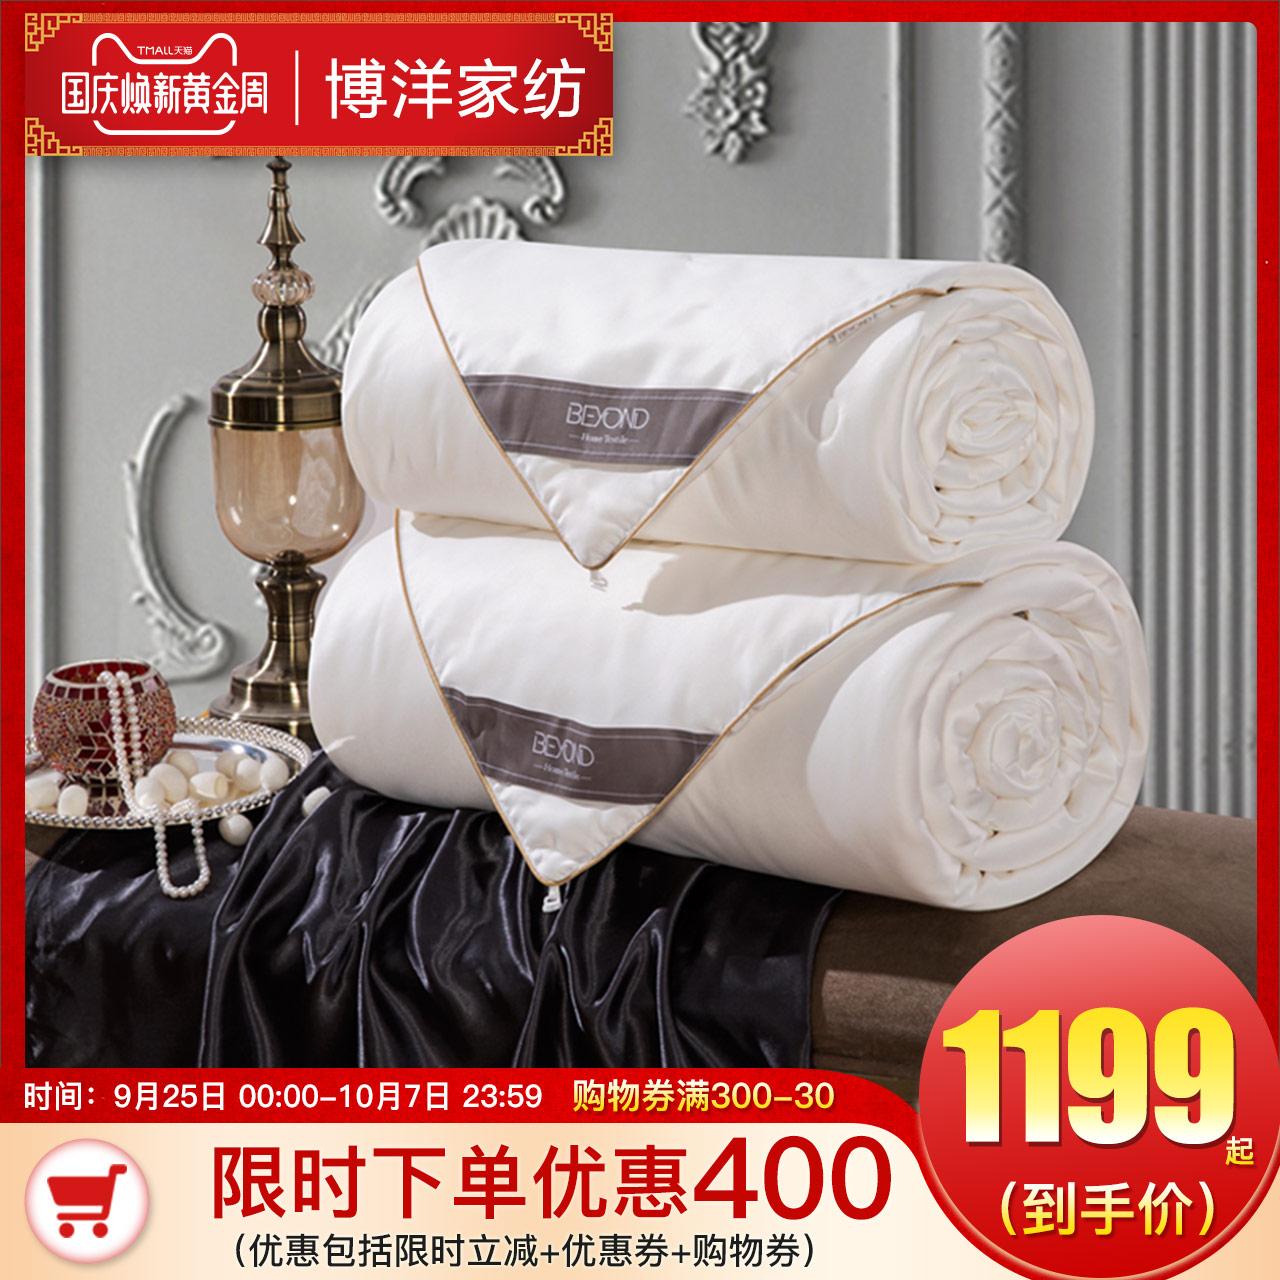 博洋家纺蚕丝被二合一子母被单双人薄被芯加厚保暖100%蚕丝被子